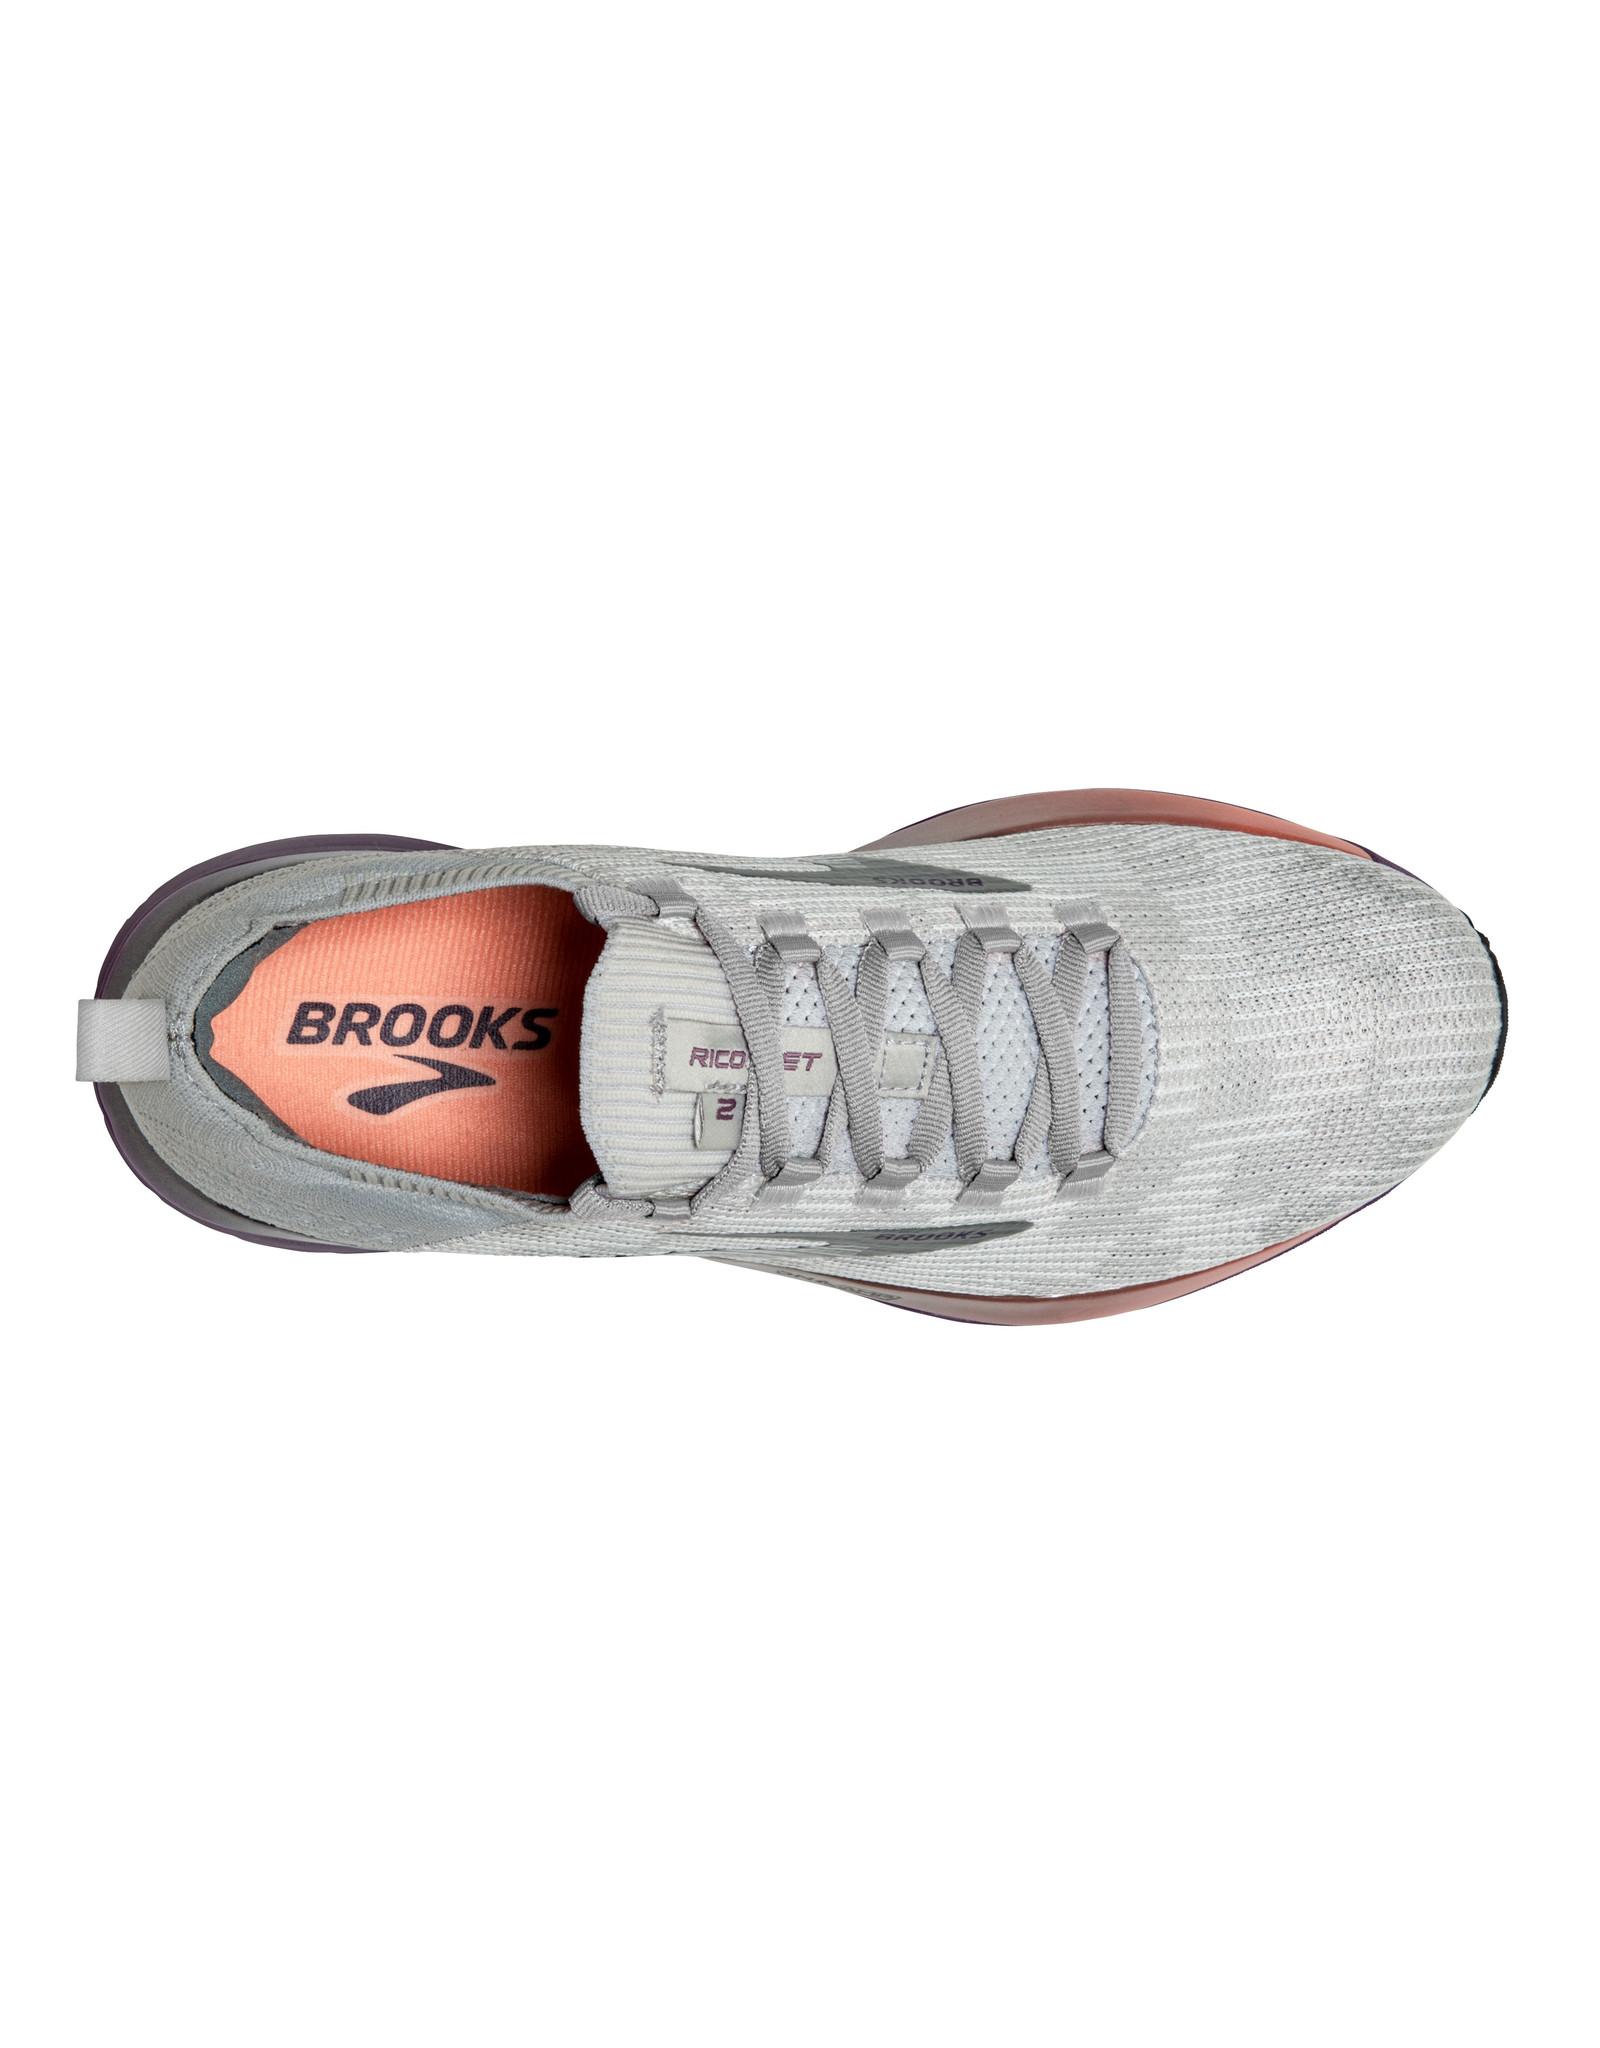 Brooks Brooks Ricochet 2